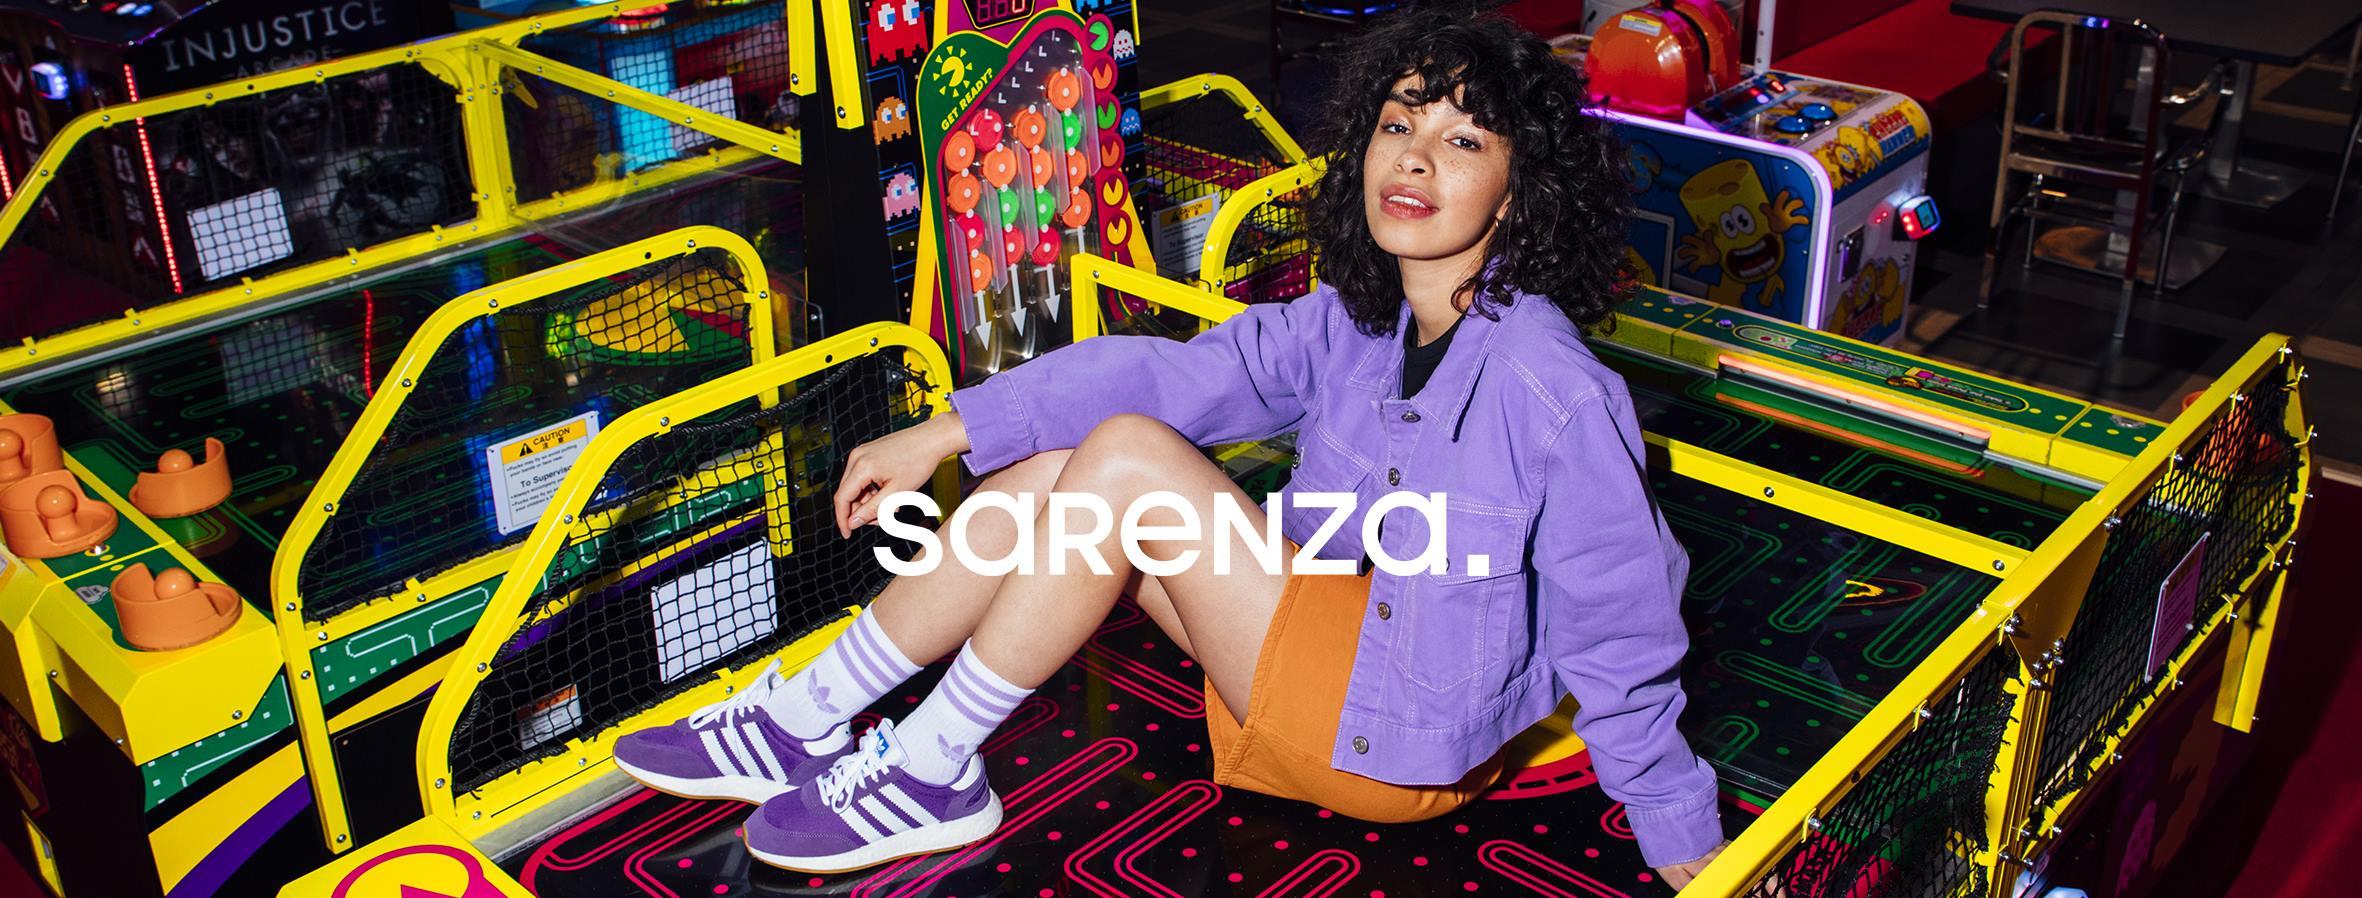 sarenza-gallery